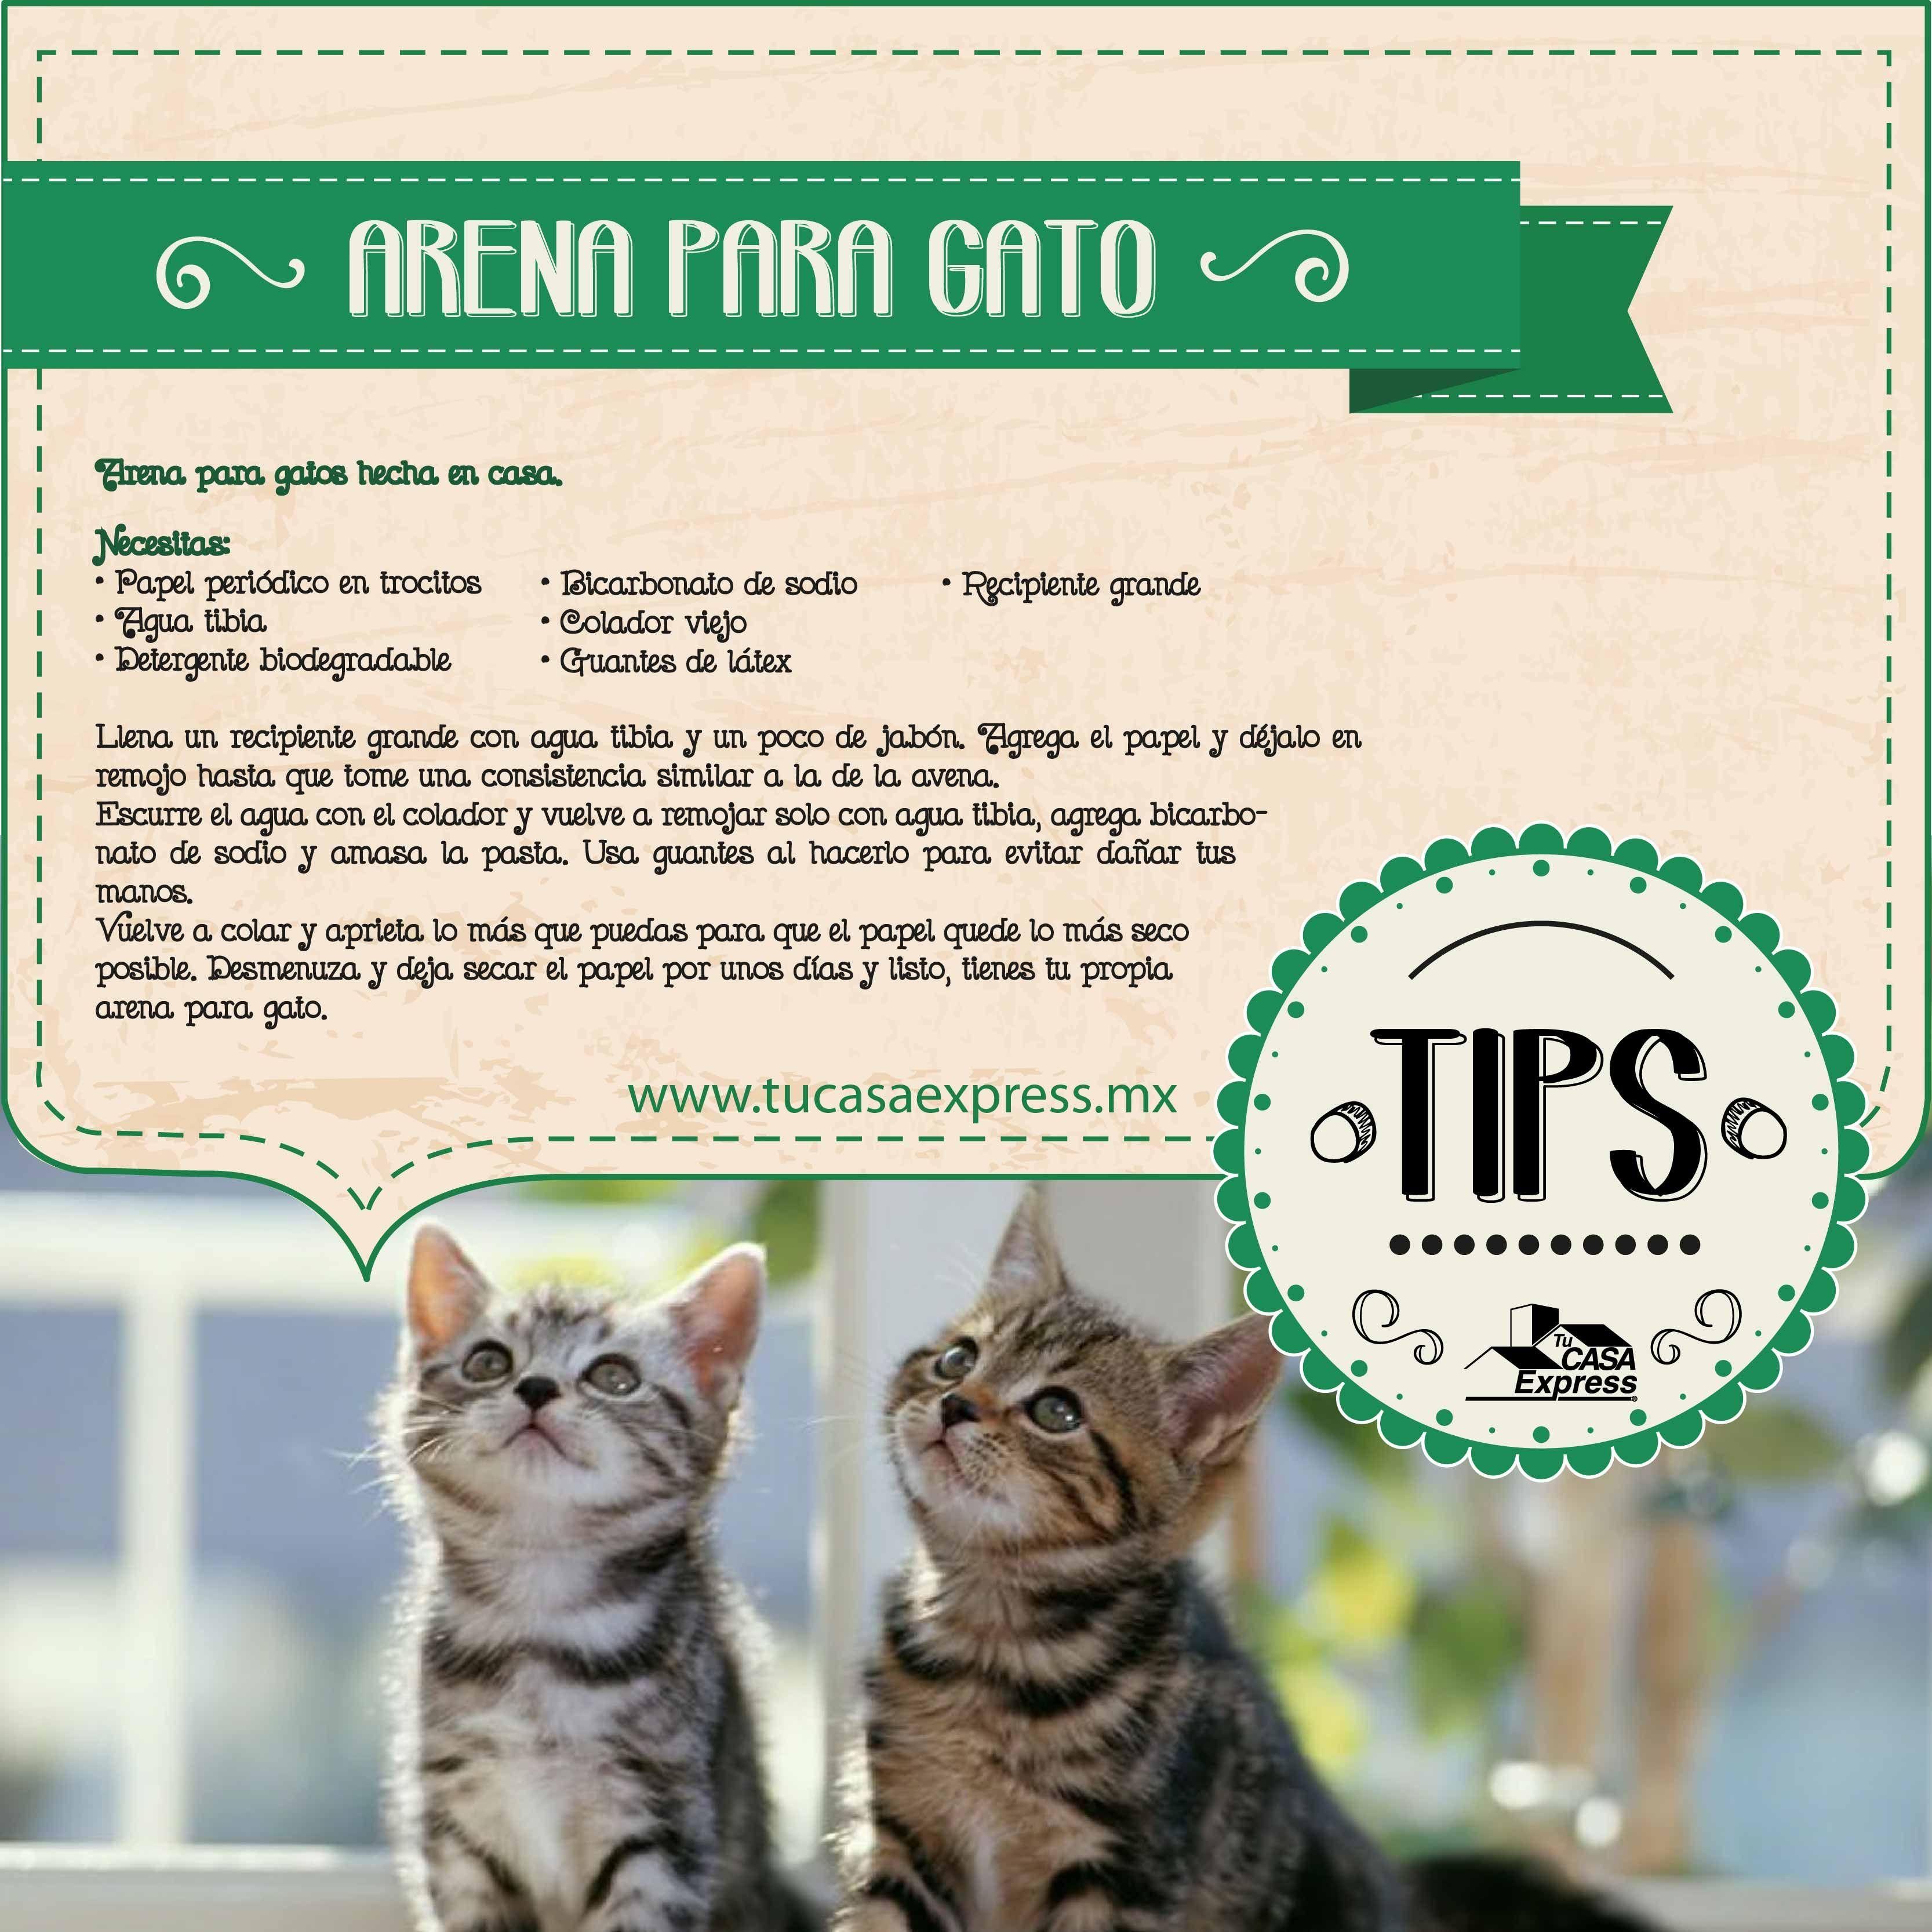 Arena para gatos hecha en casa Tu Casa Express